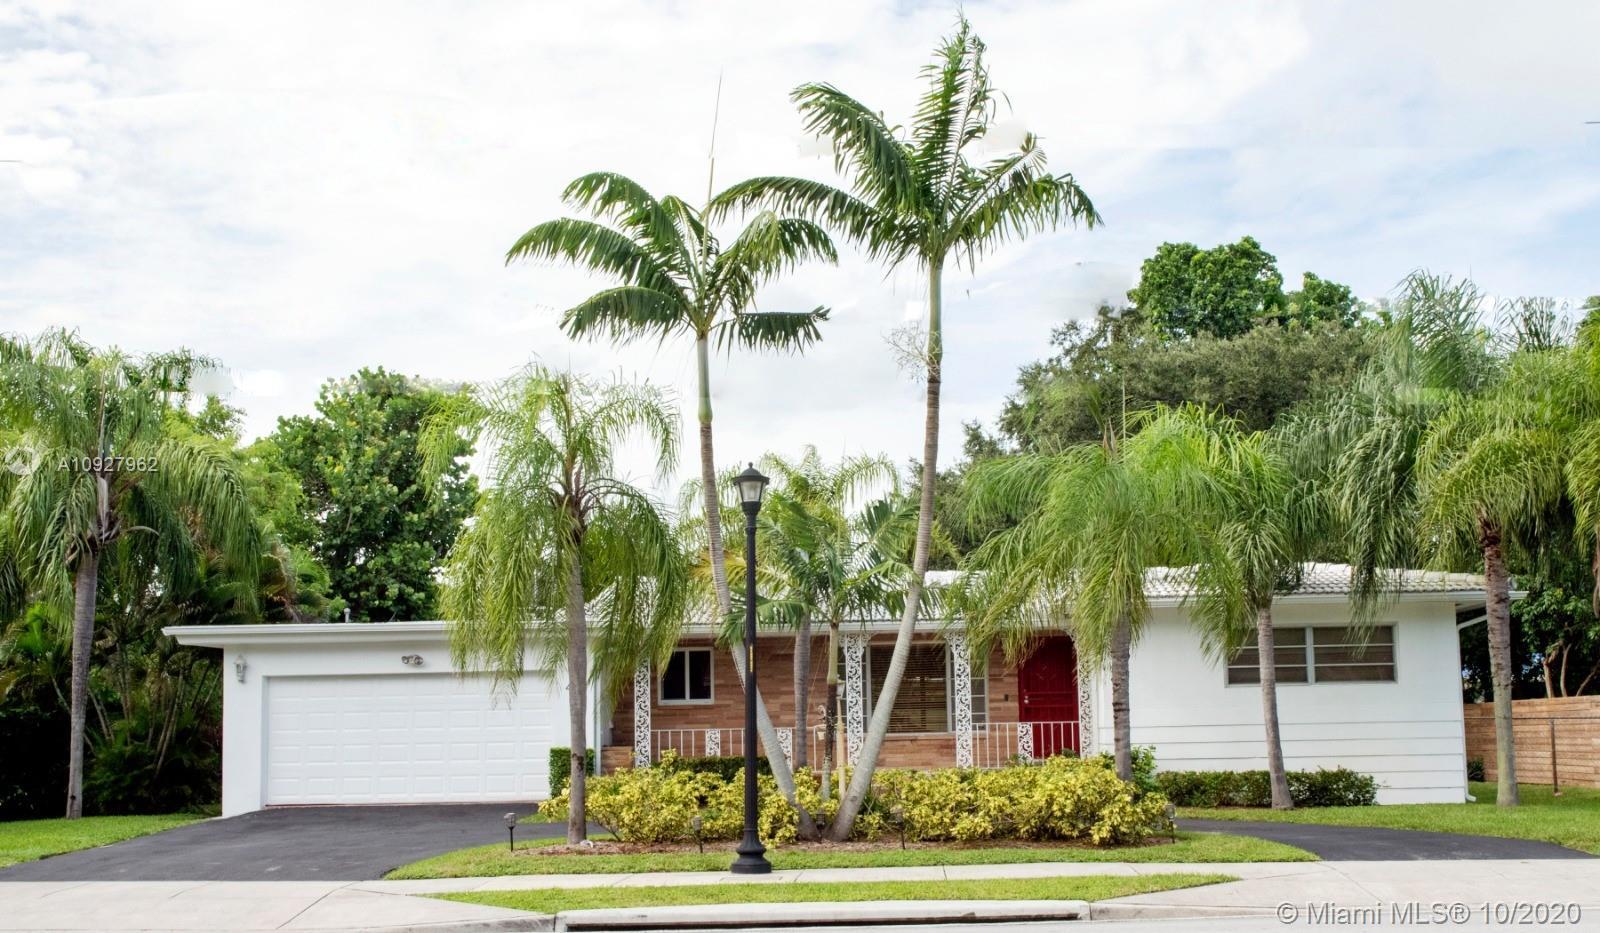 Fantastic 3/3 contemporary home in Miami Shores. The home has an open concept featuring a spacious e